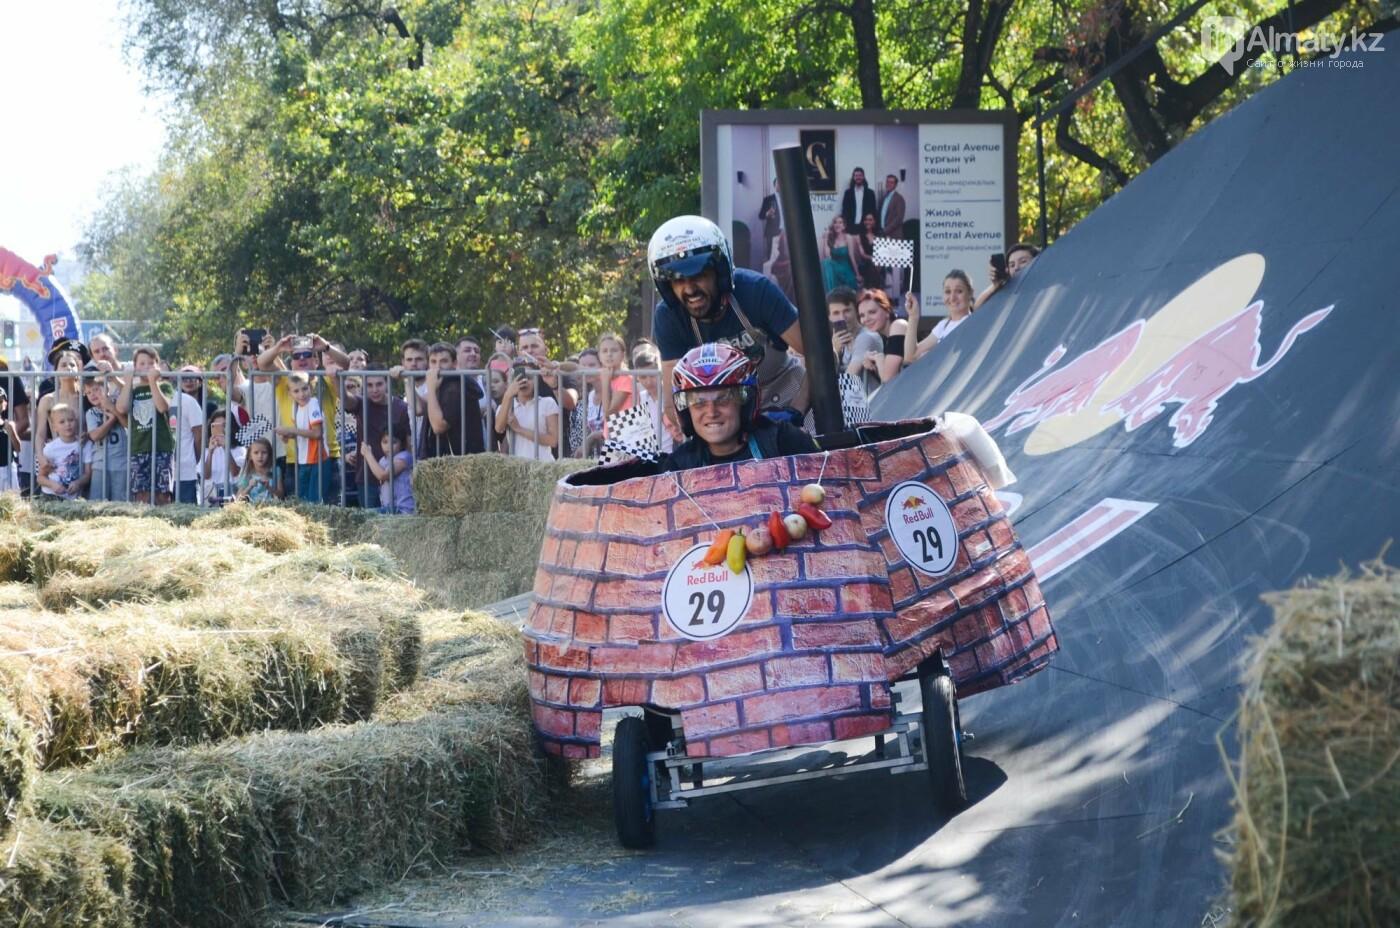 Как в Алматы прошла гонка самодельных болидов Red Bull Soapbox Race (фото), фото-7